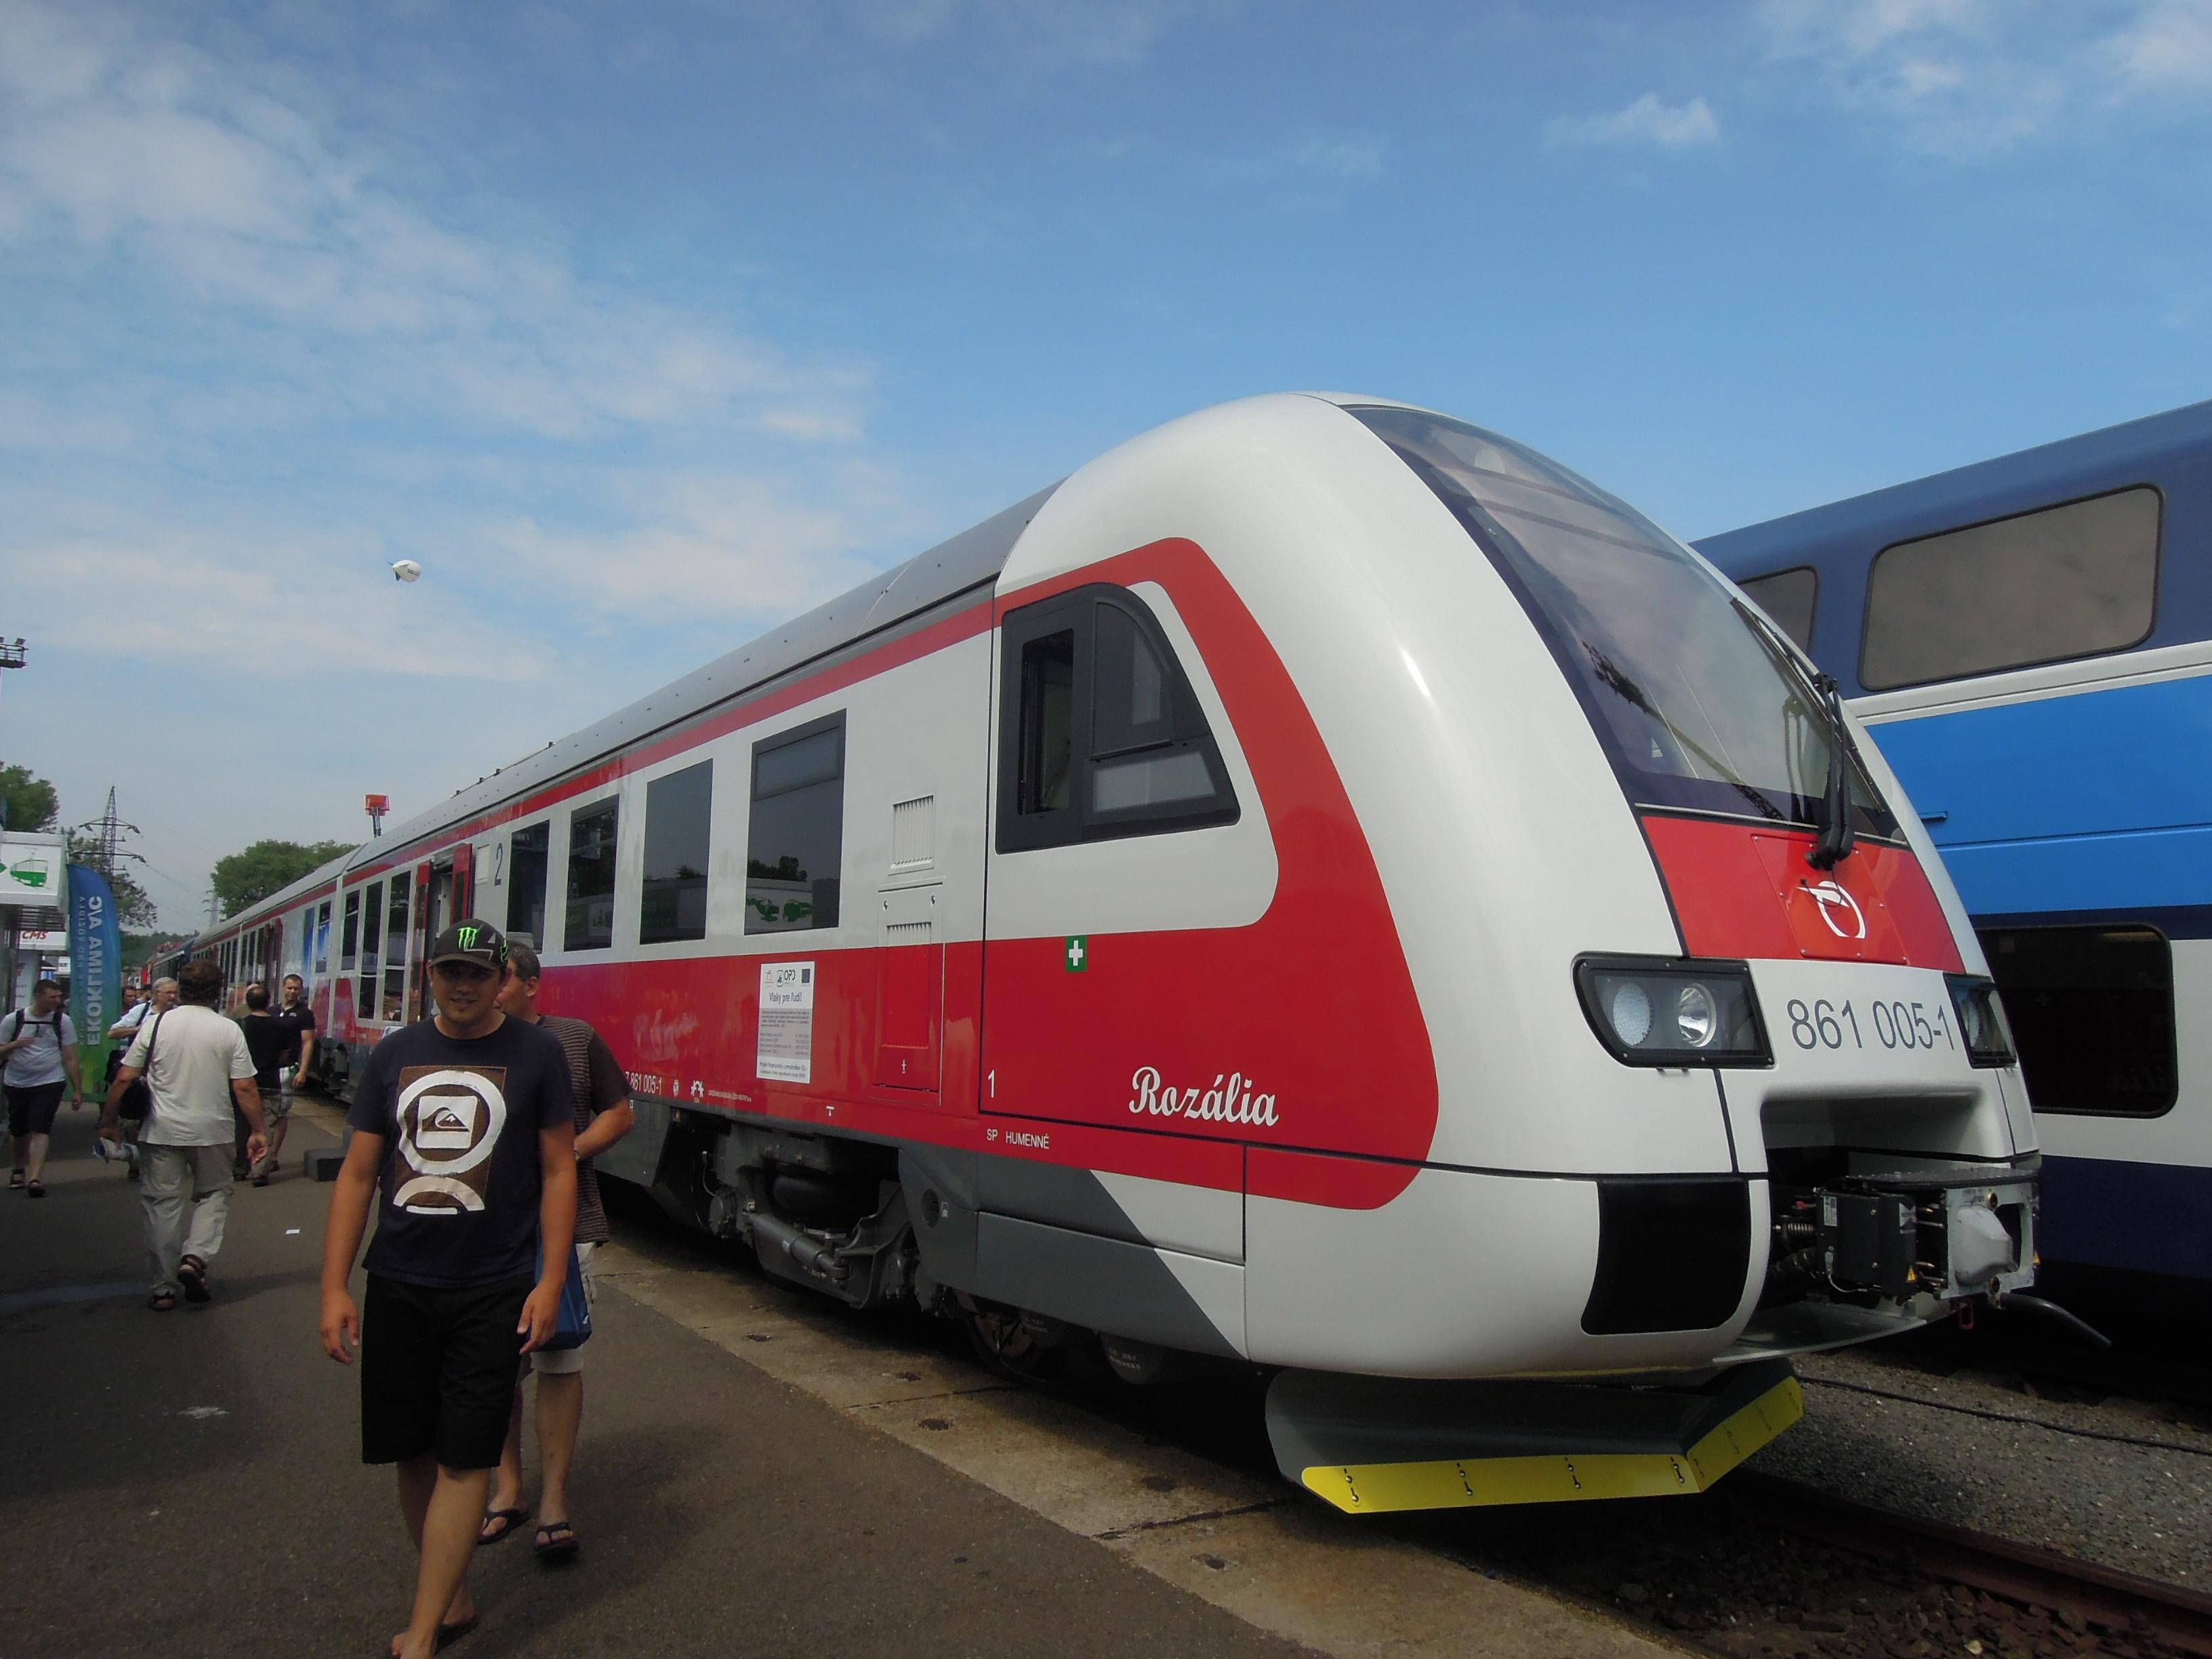 File:Czech Raildays 2012, ZSSK 861, 861 005-1 (01)